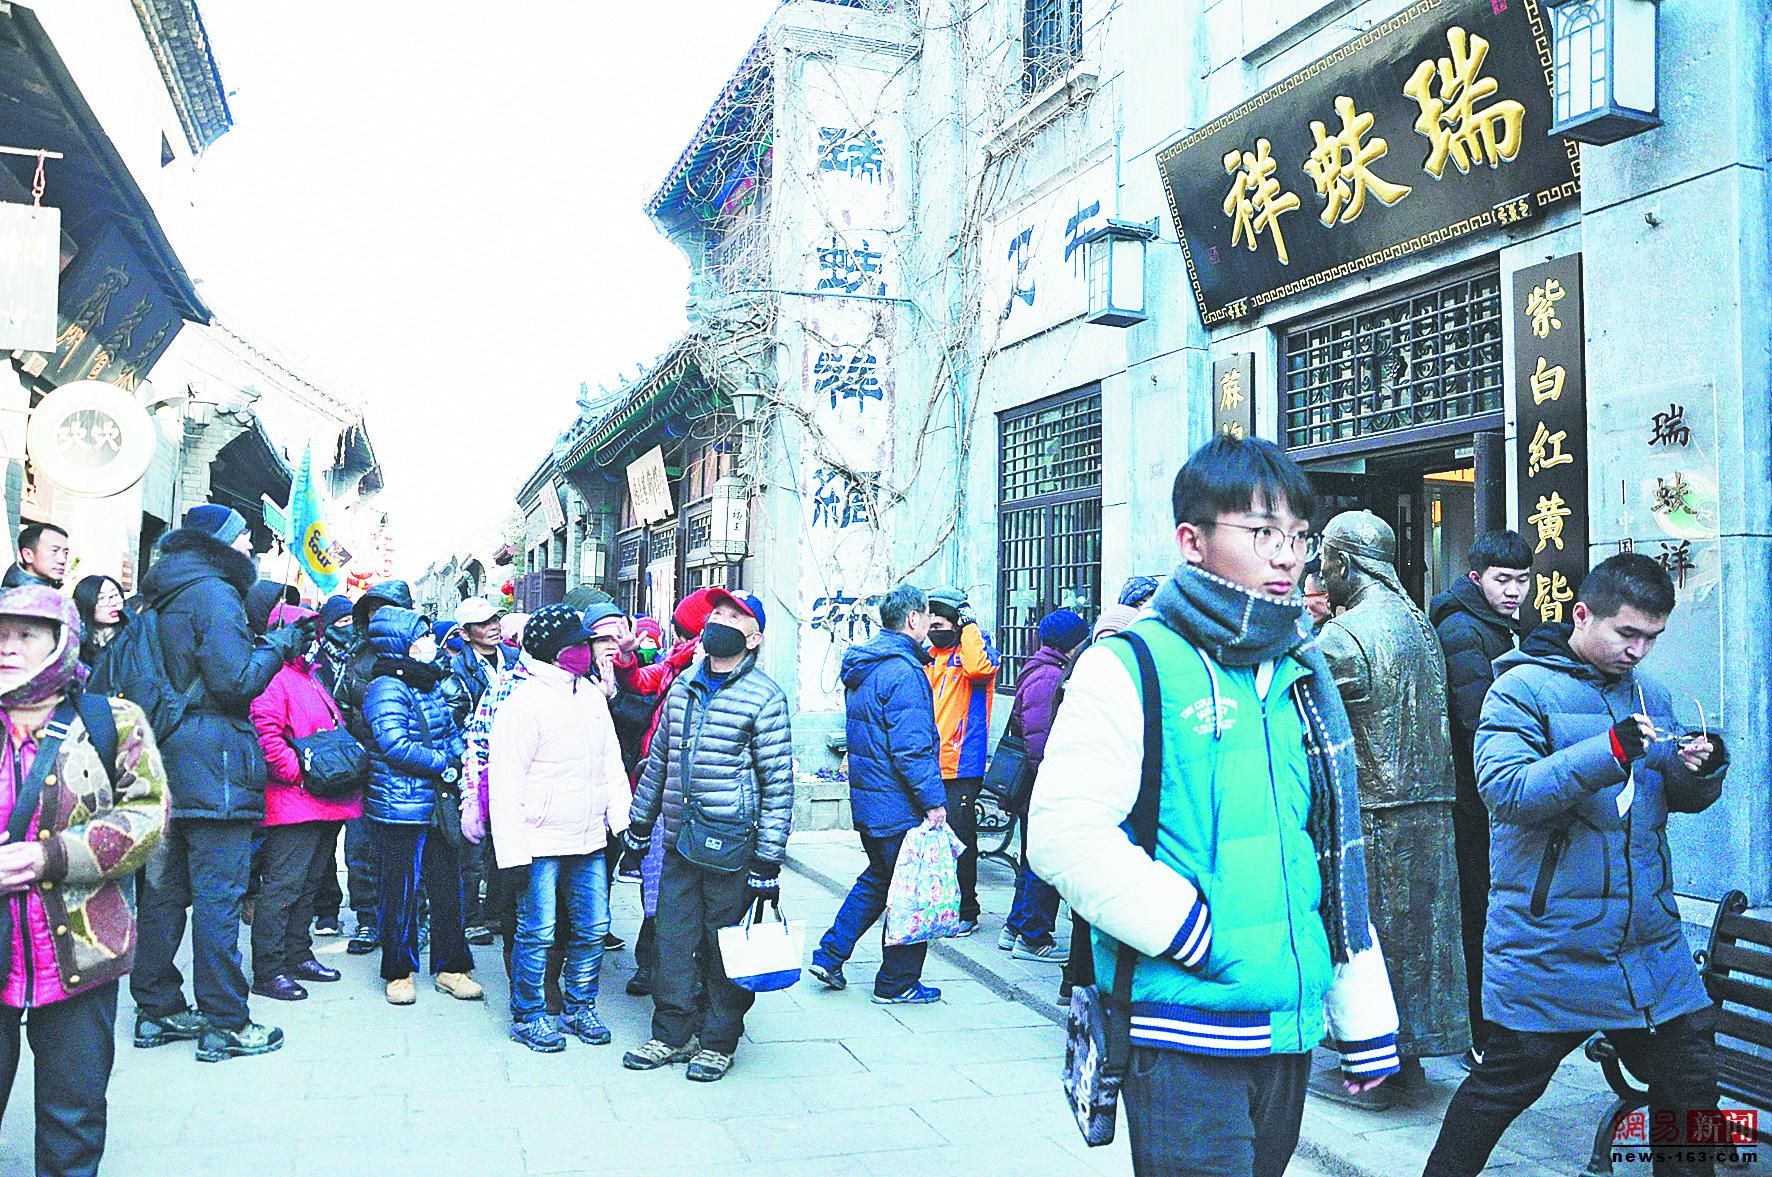 http://www.xelkf.com.cn/zbyaowen/2019/0102/4154369.shtml